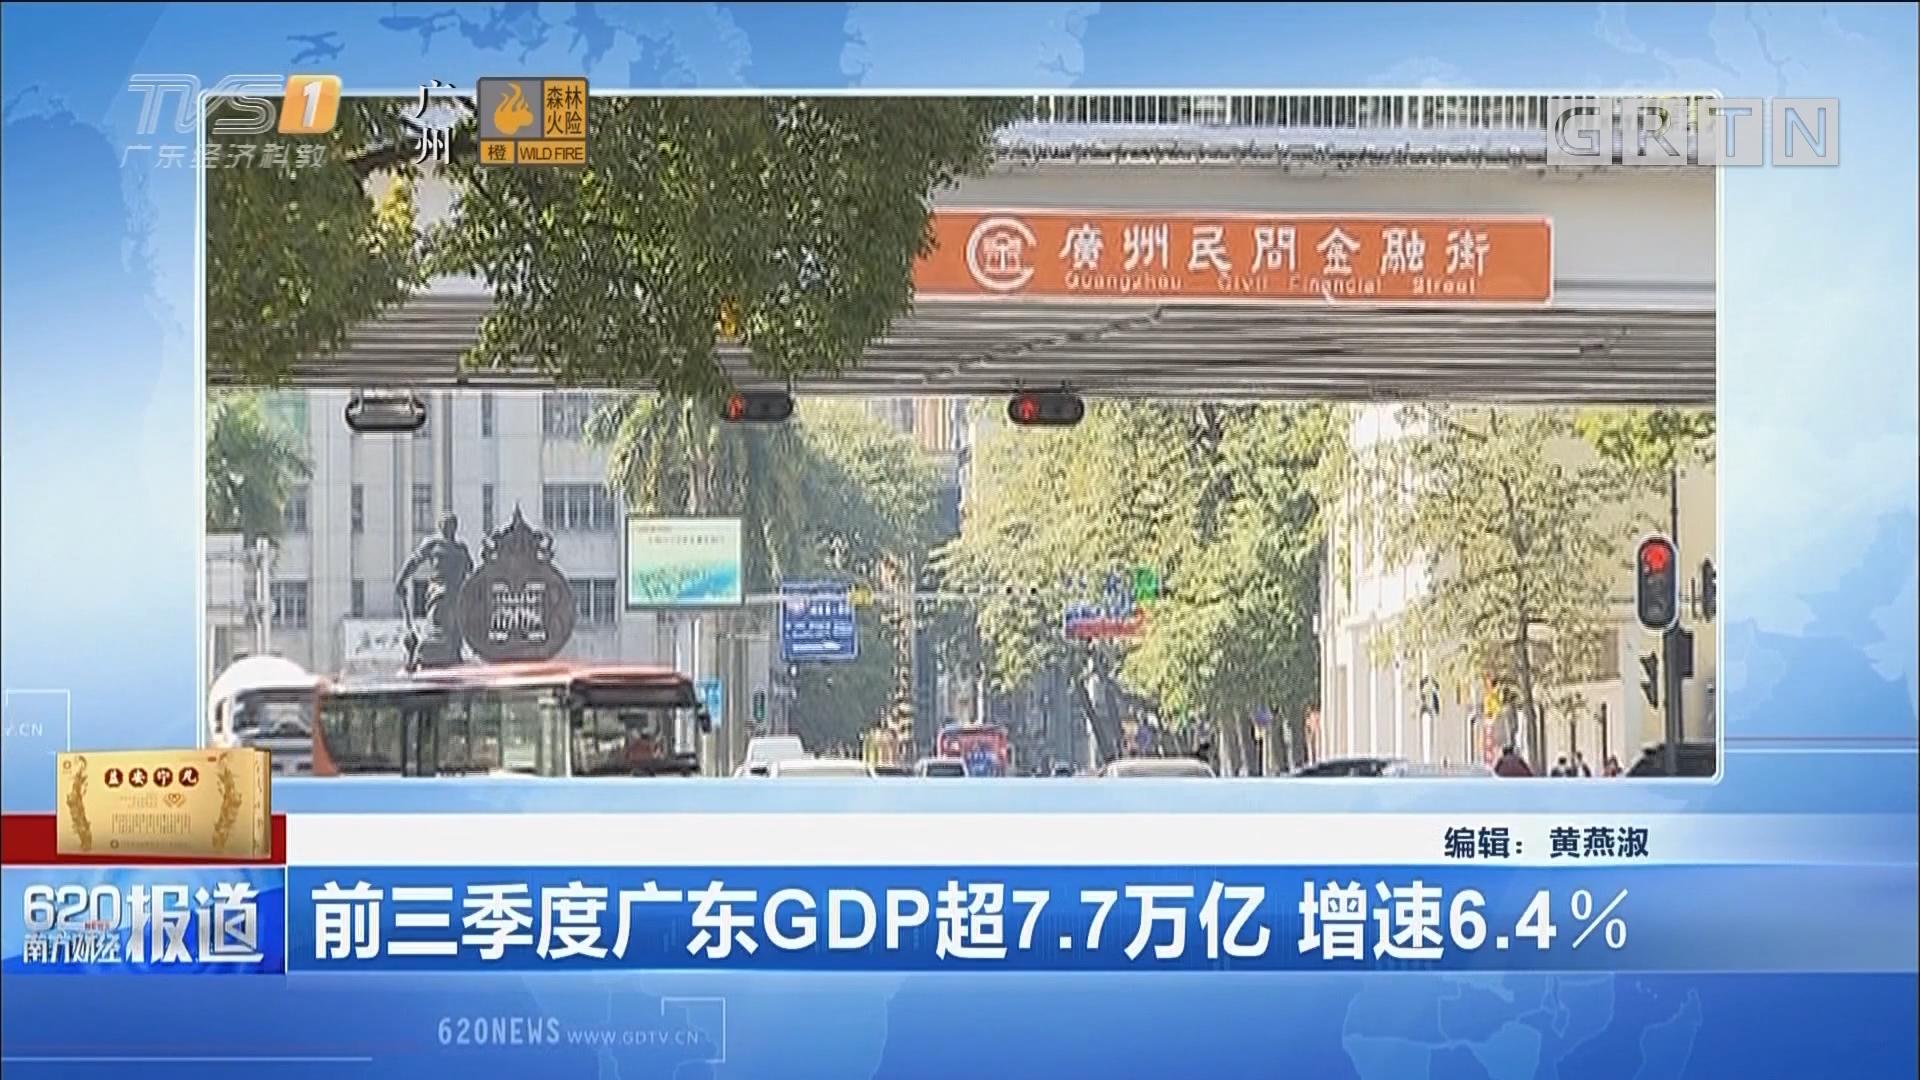 前三季度廣東GDP超7.7萬億 增速6.4%